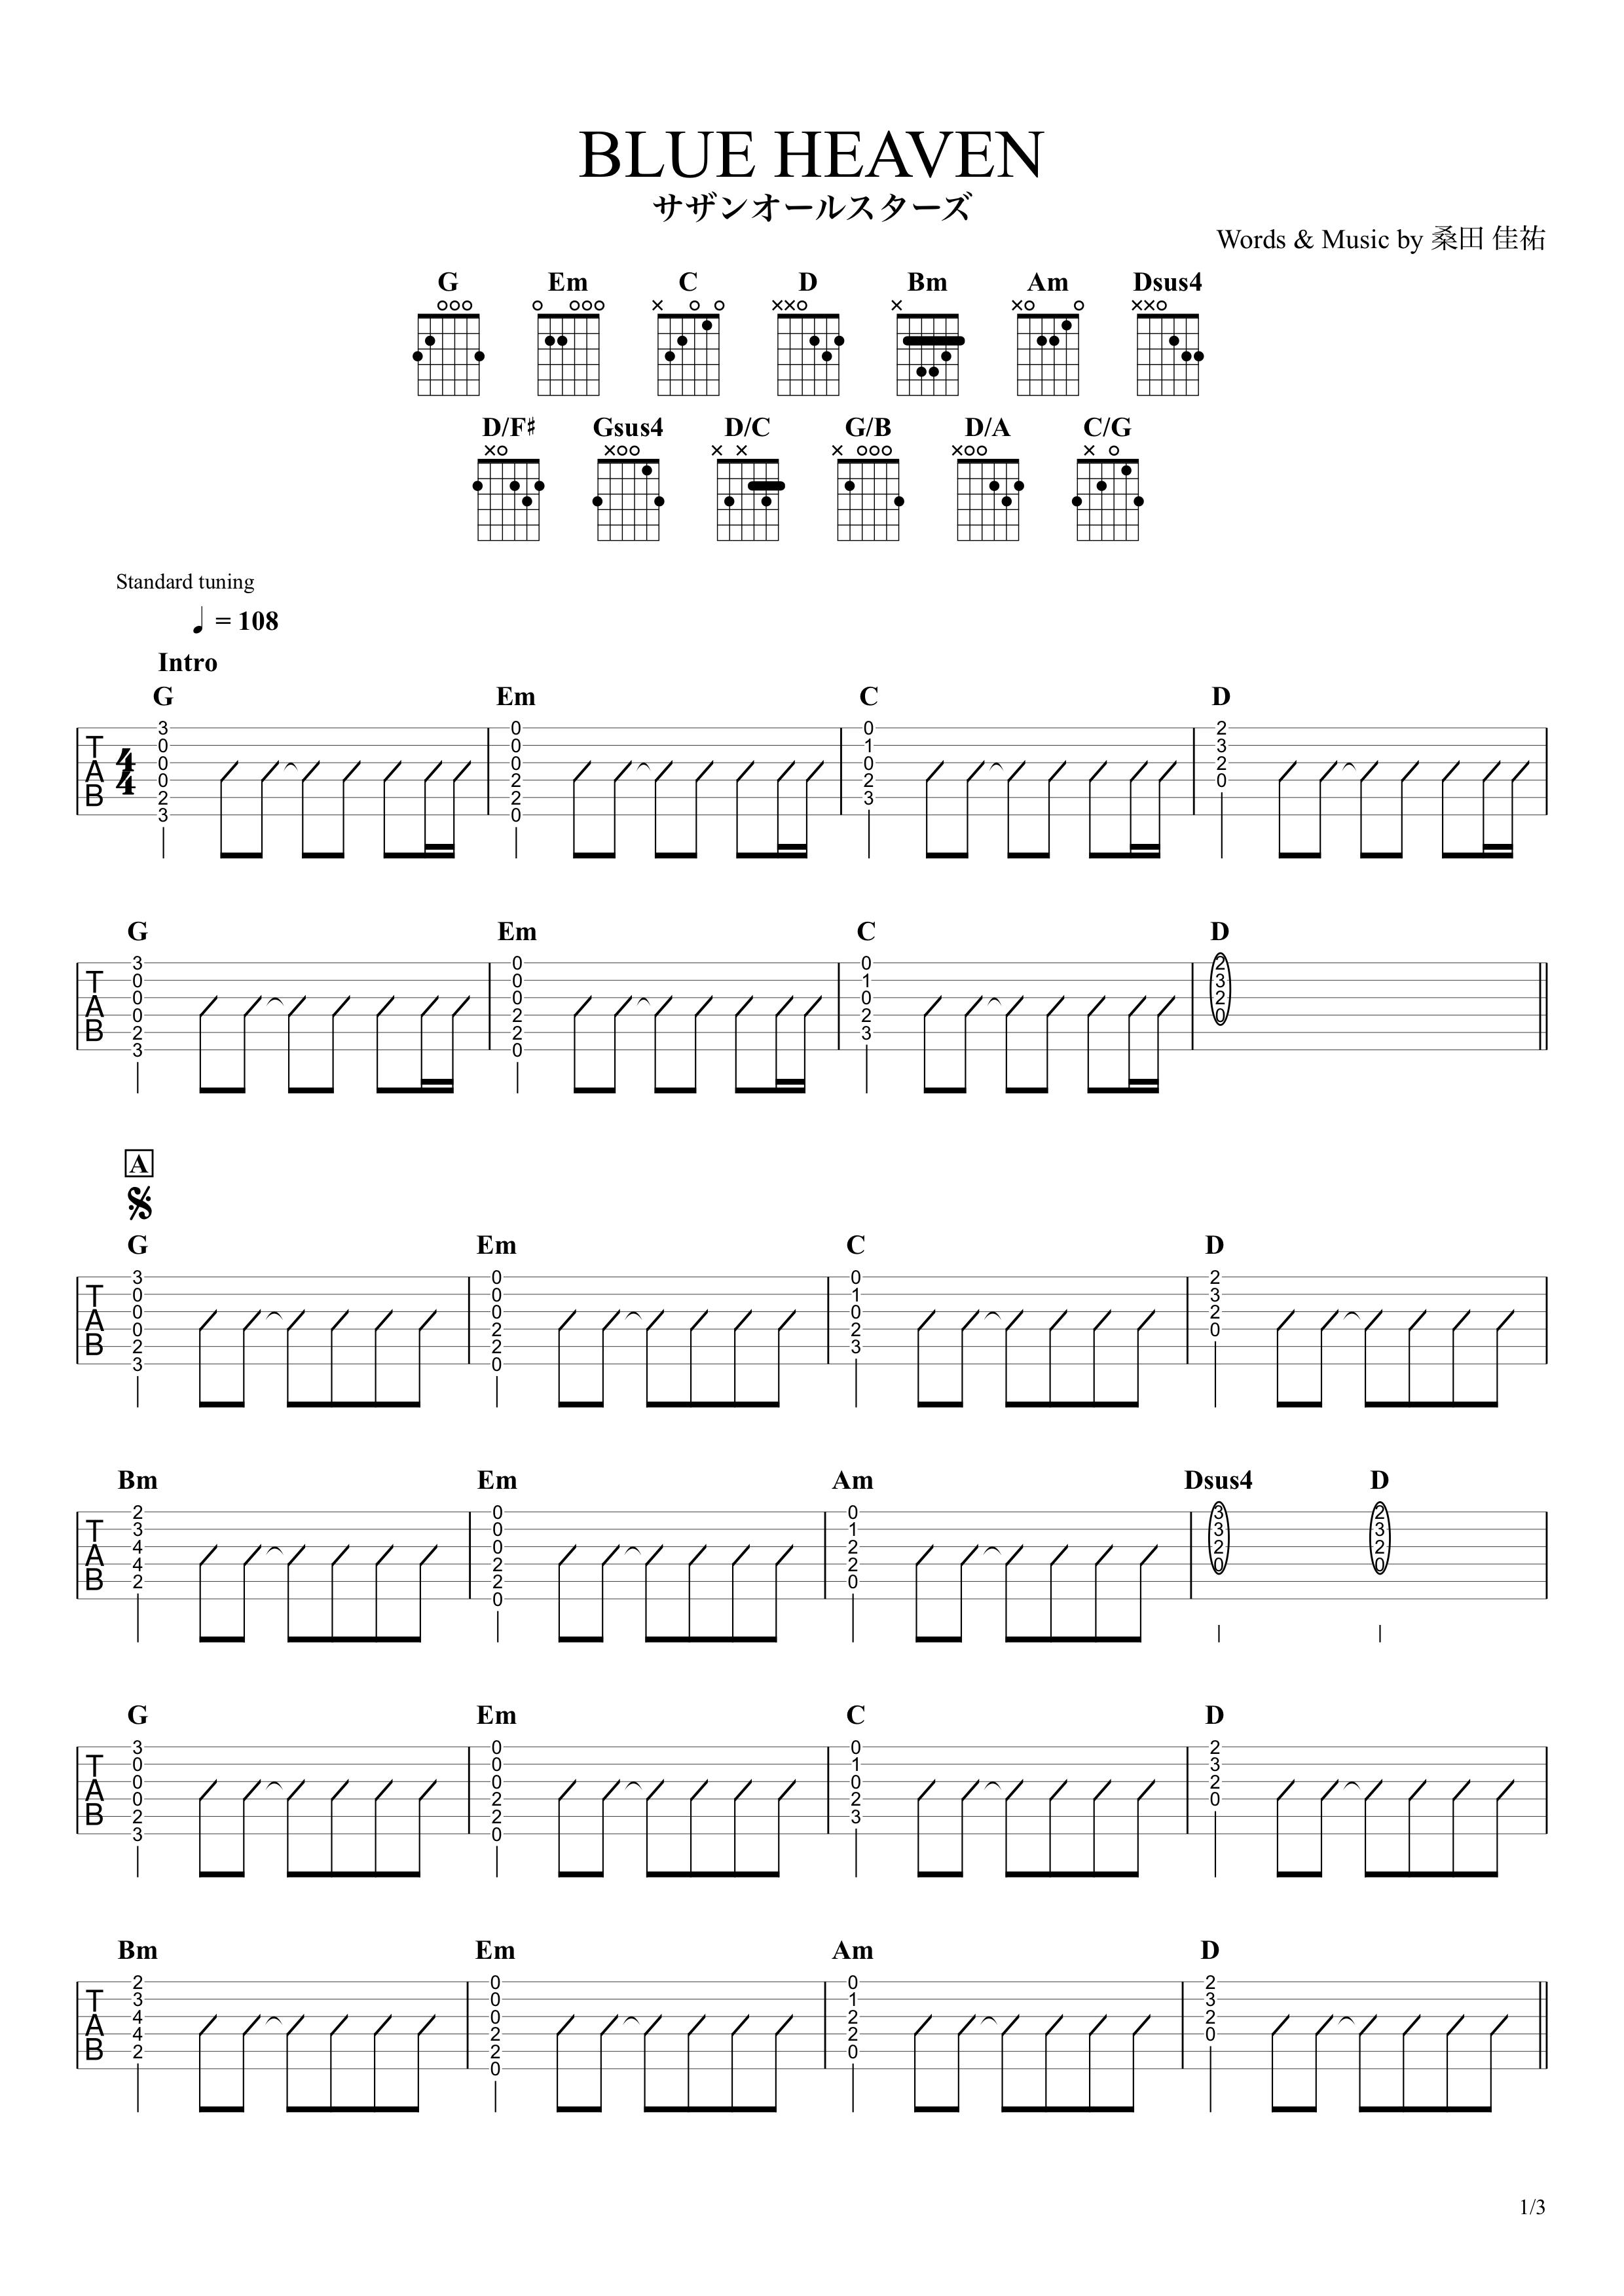 BLUE HEAVEN/サザンオールスターズ ギタータブ譜 コードストロークで弾くVer.01